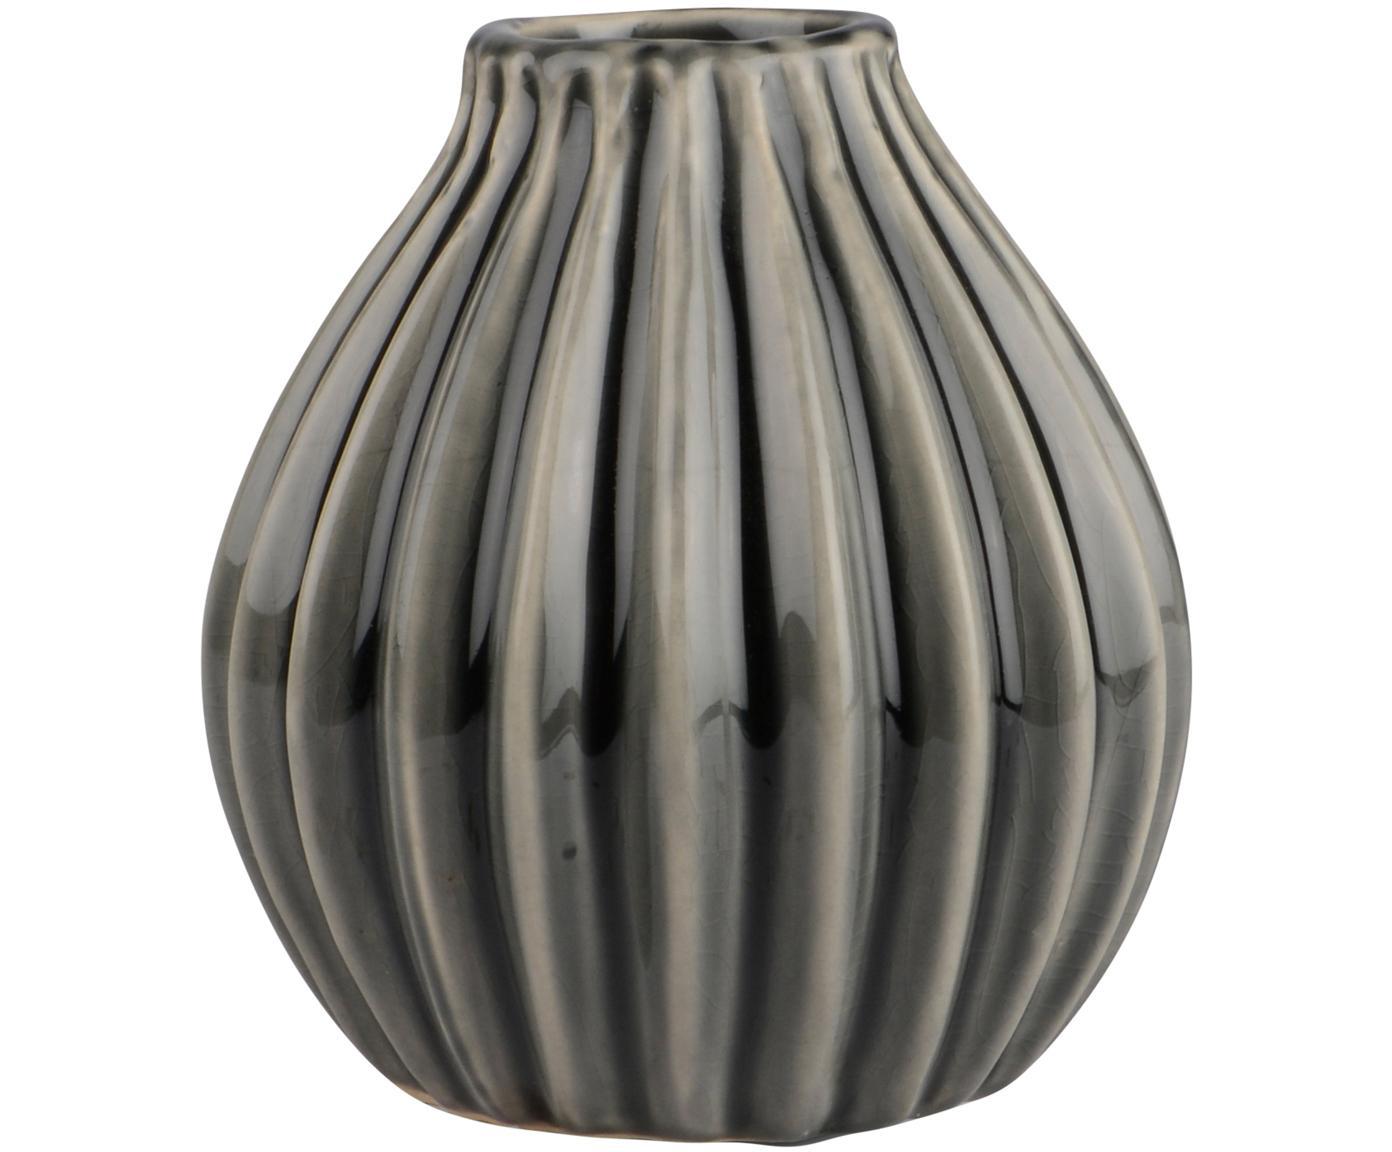 Wazon z ceramiki Agnes, Ceramika, Szary, Ø 12 x W 13 cm